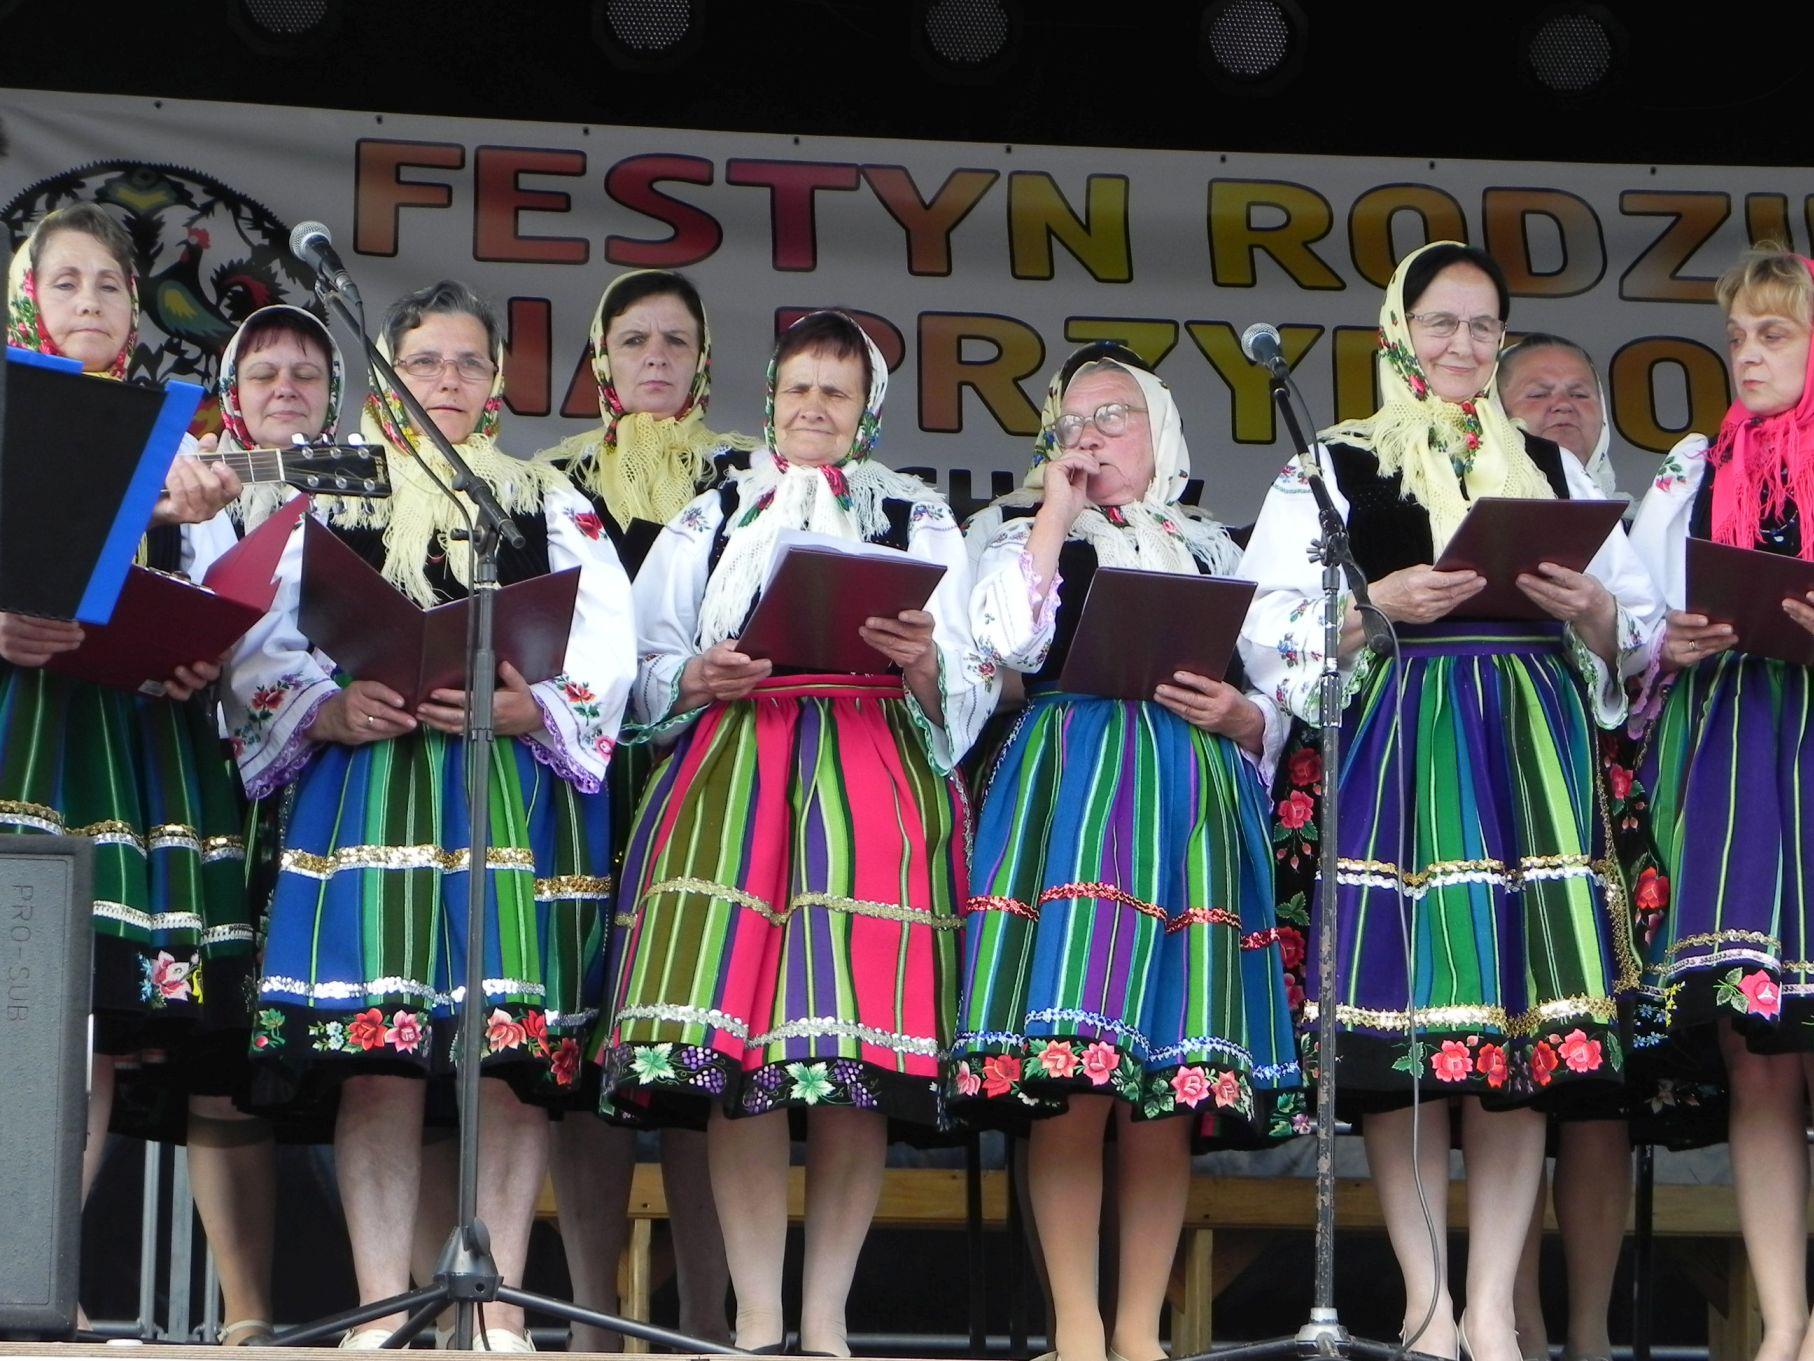 2013-07-07 Głuchów Festyn na Przydrożku (32)